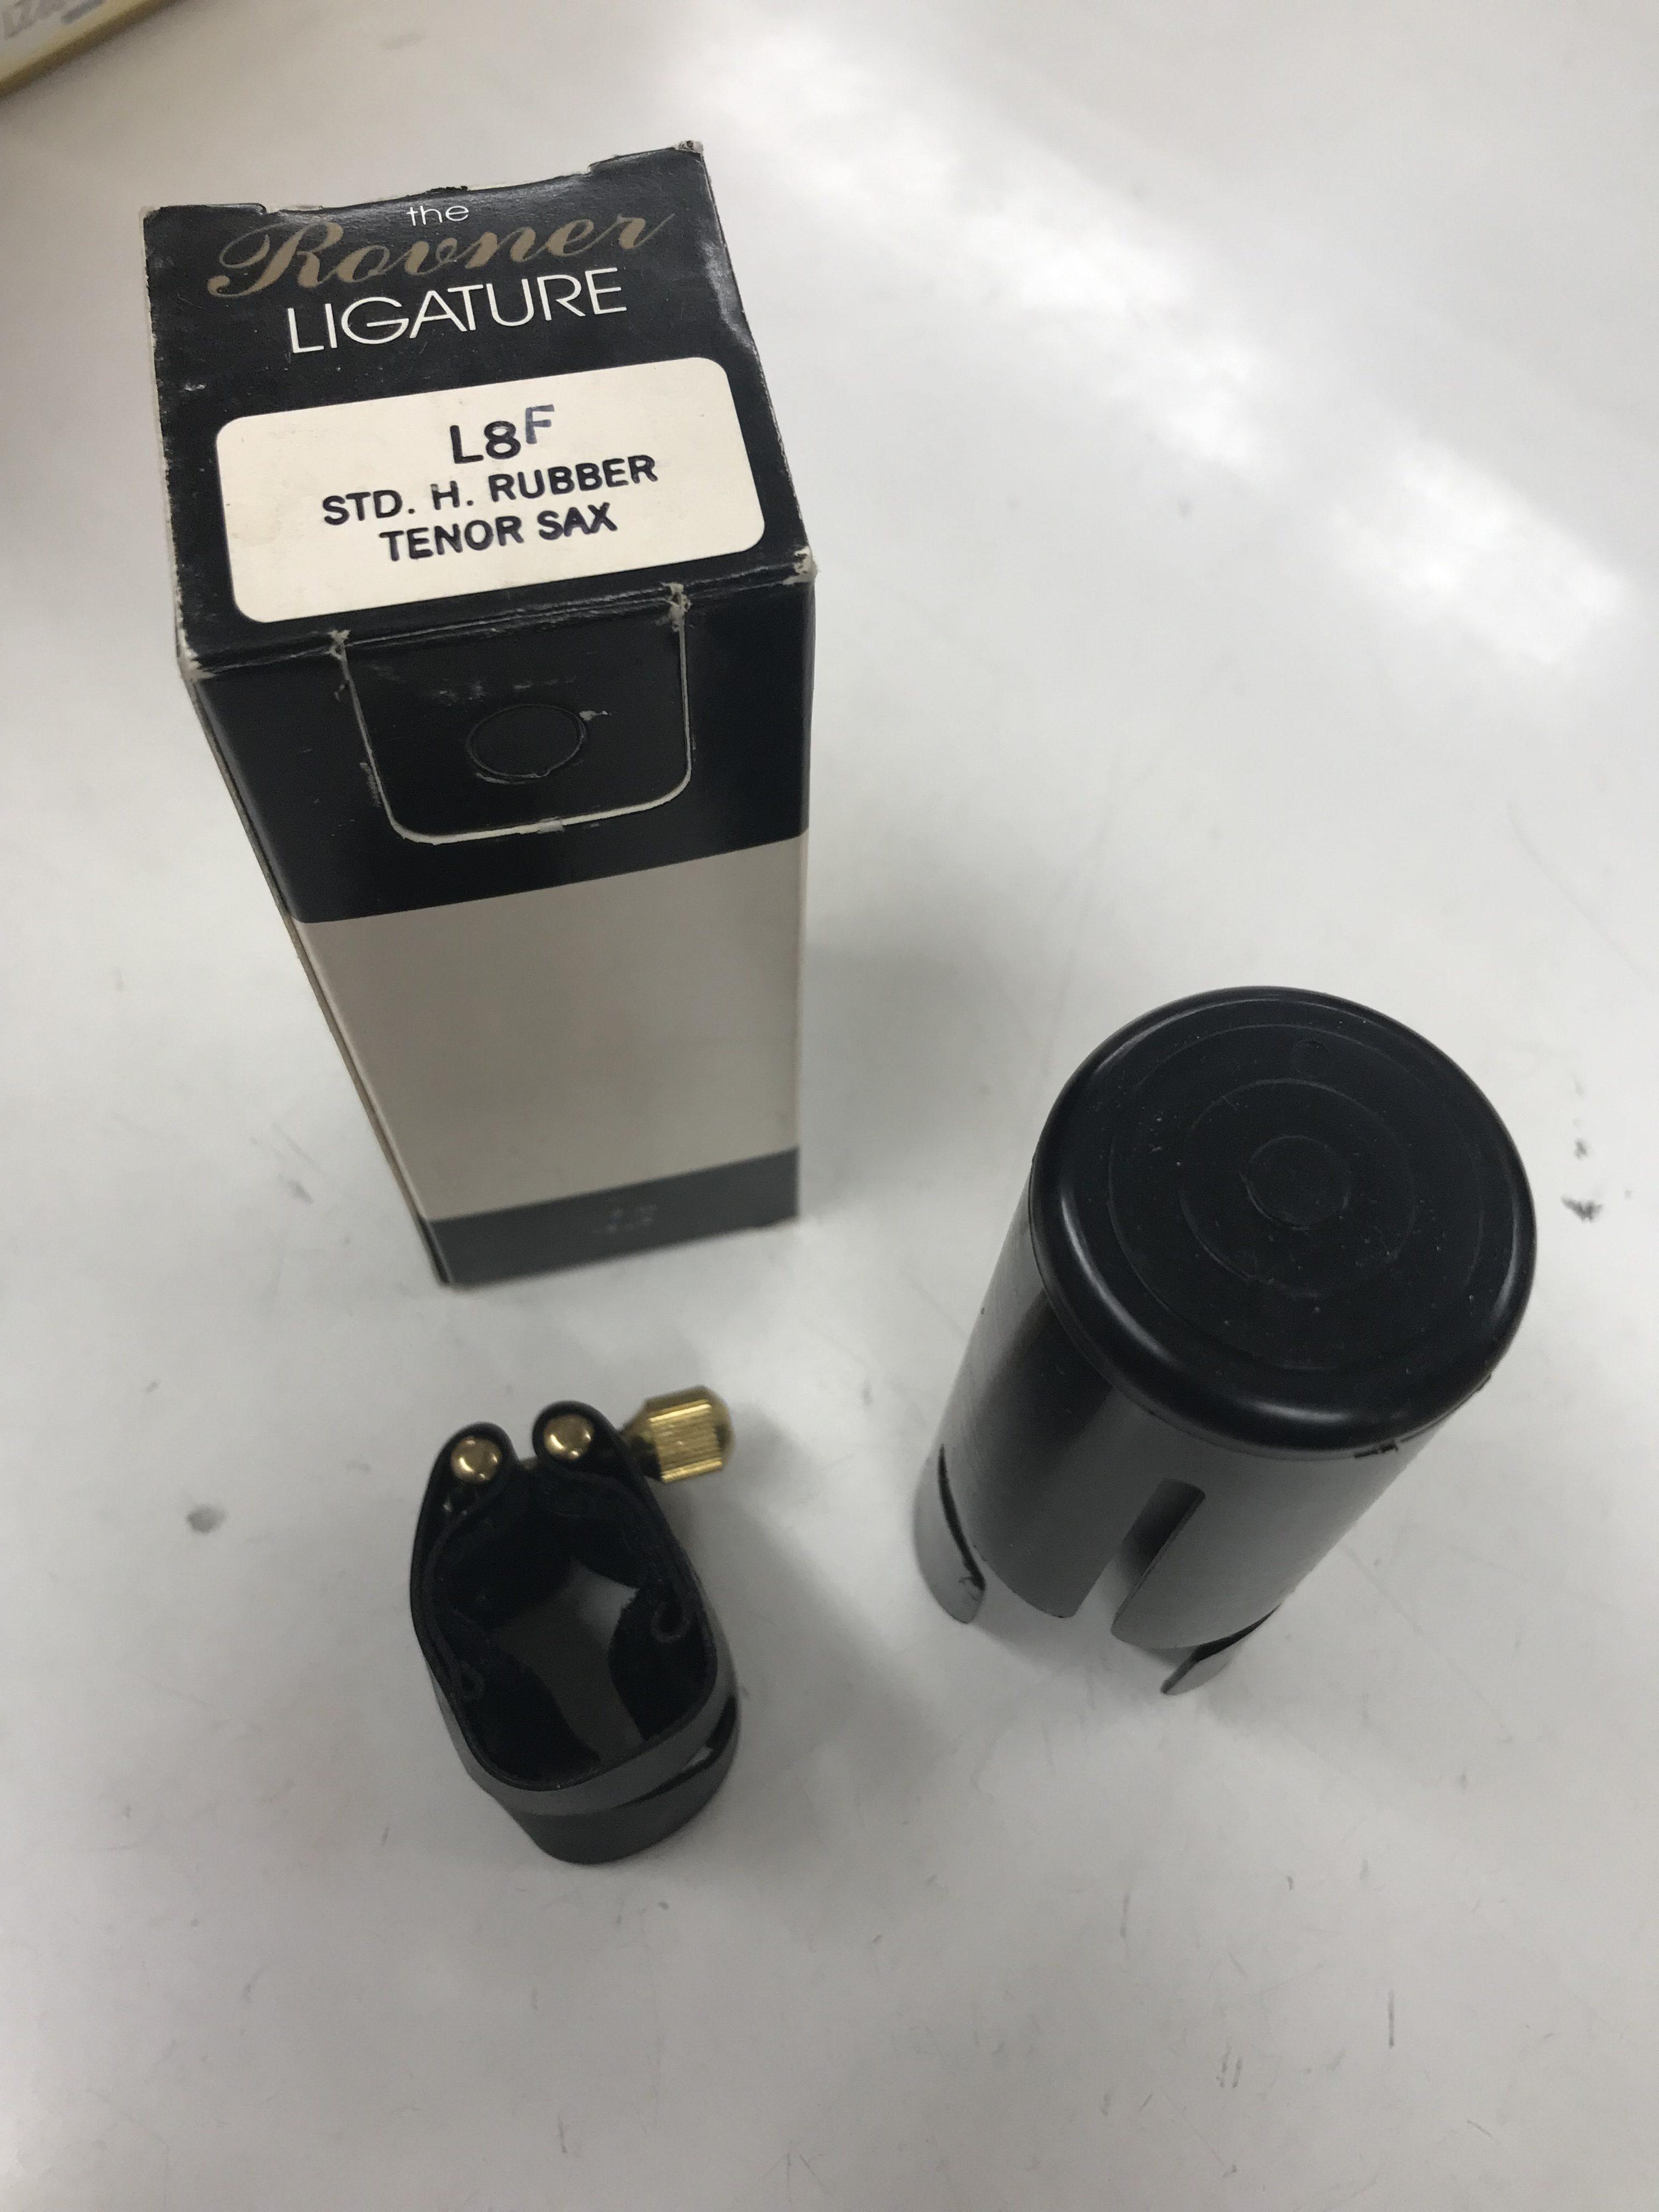 テナーサックス用リガチャー ロブナーL8F